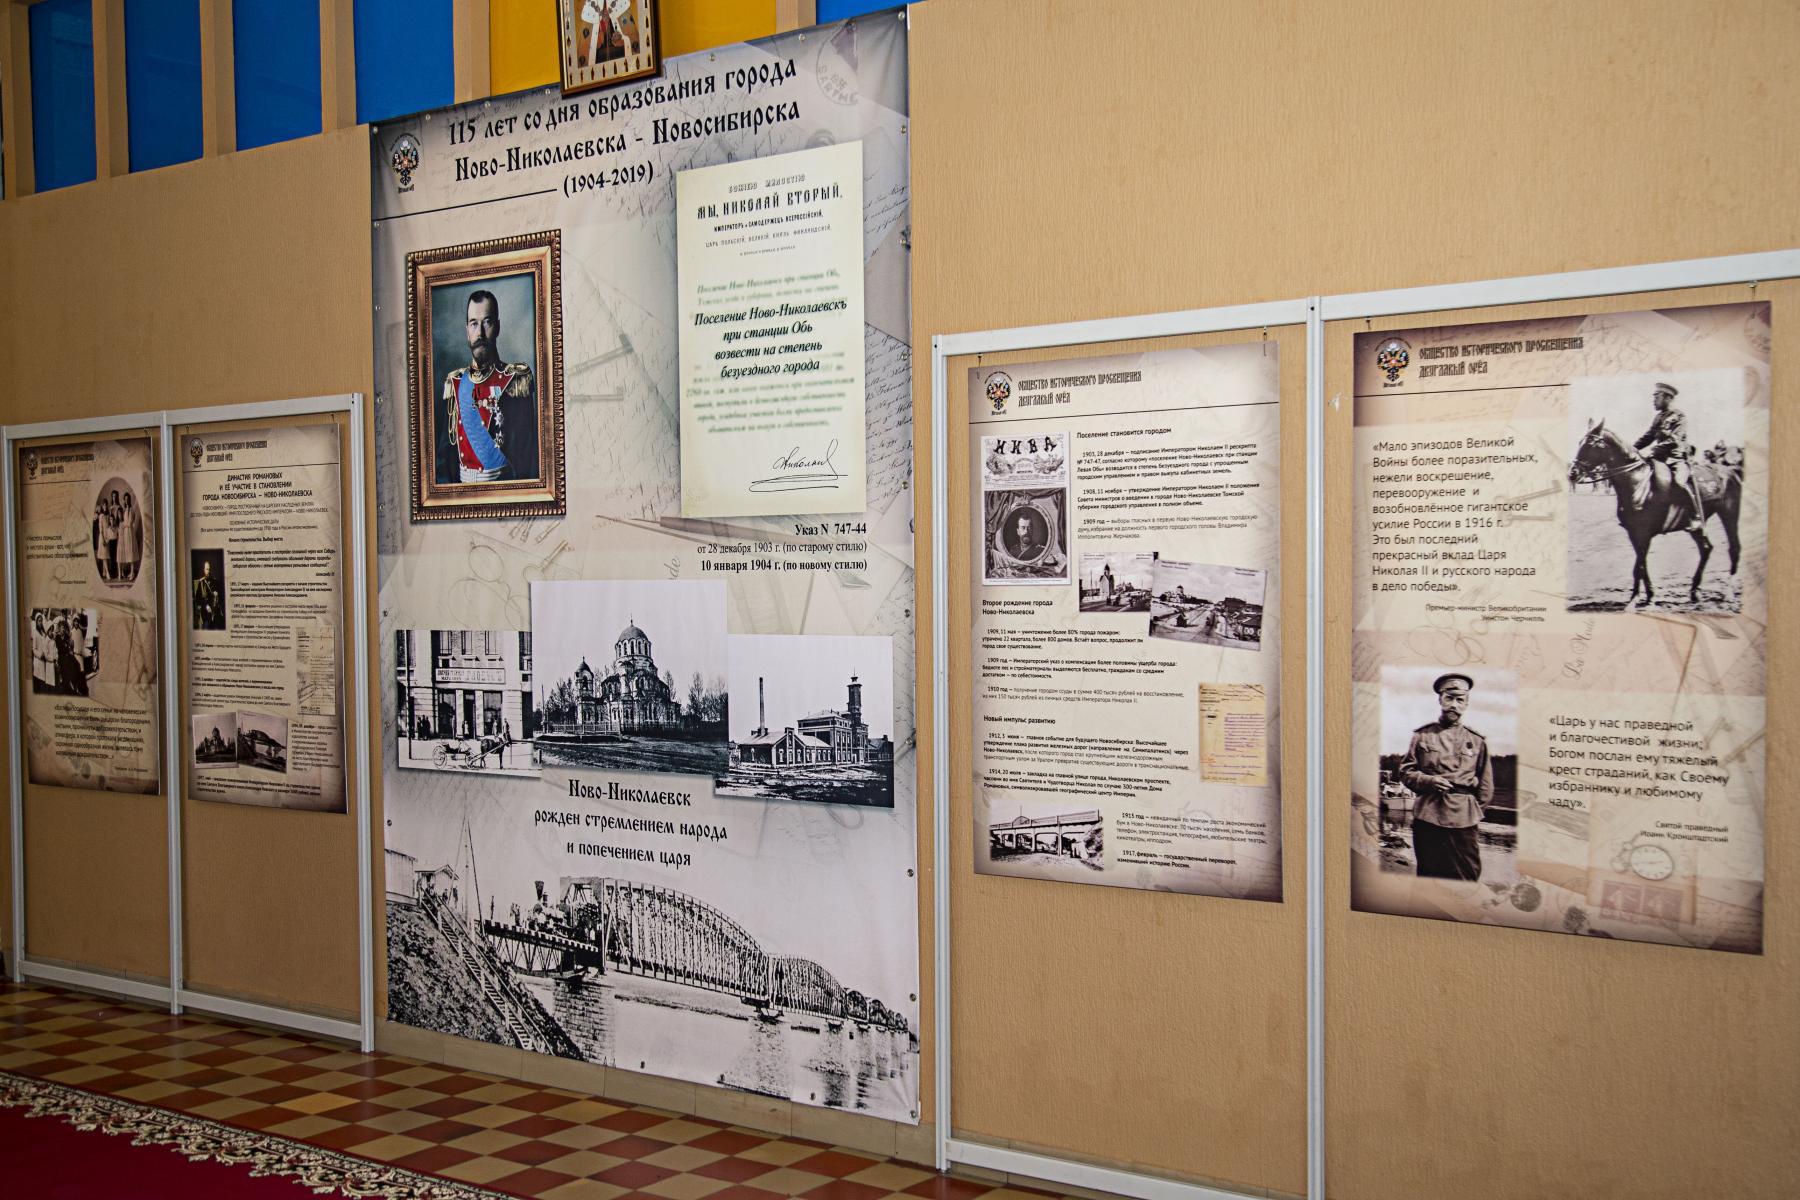 фото В Новосибирске открыли выставку о правдивой истории Российской Империи 2